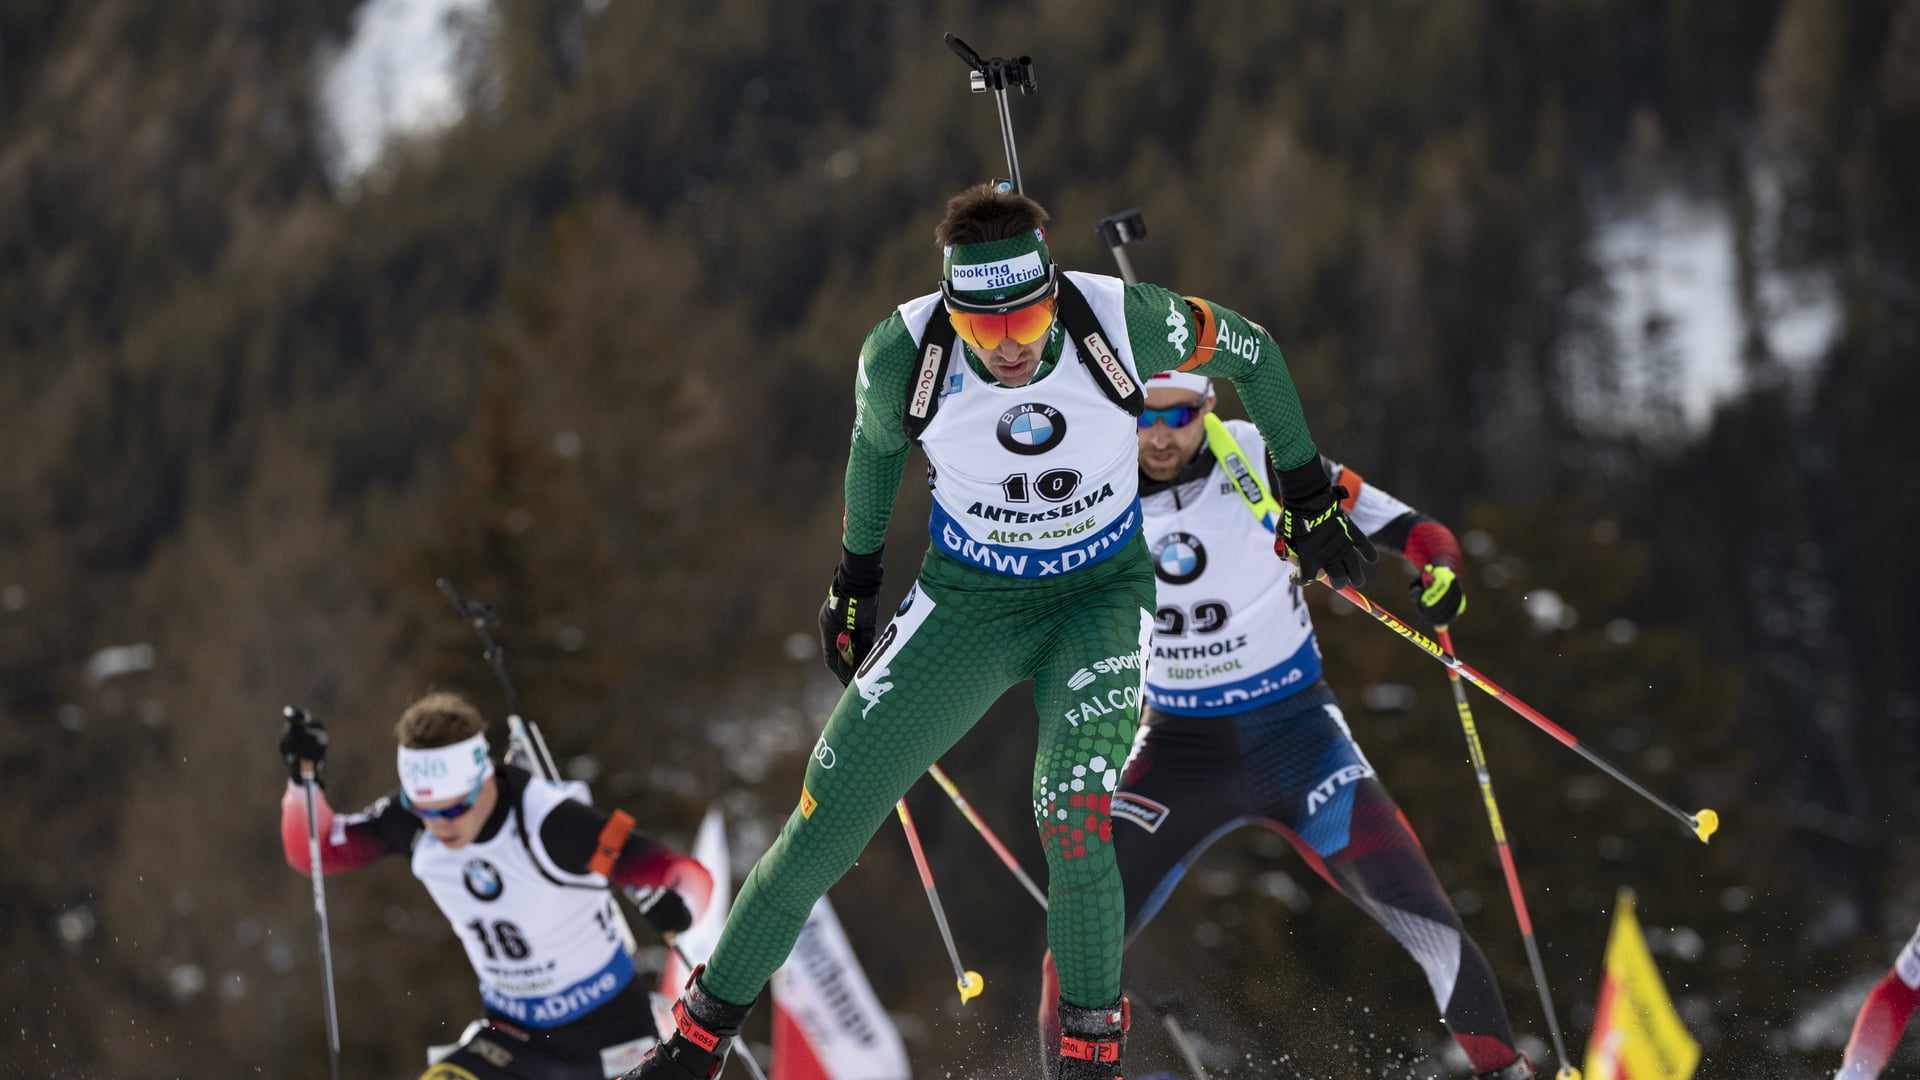 Coppa Italia di Biathlon<br />22.-24.03.2019